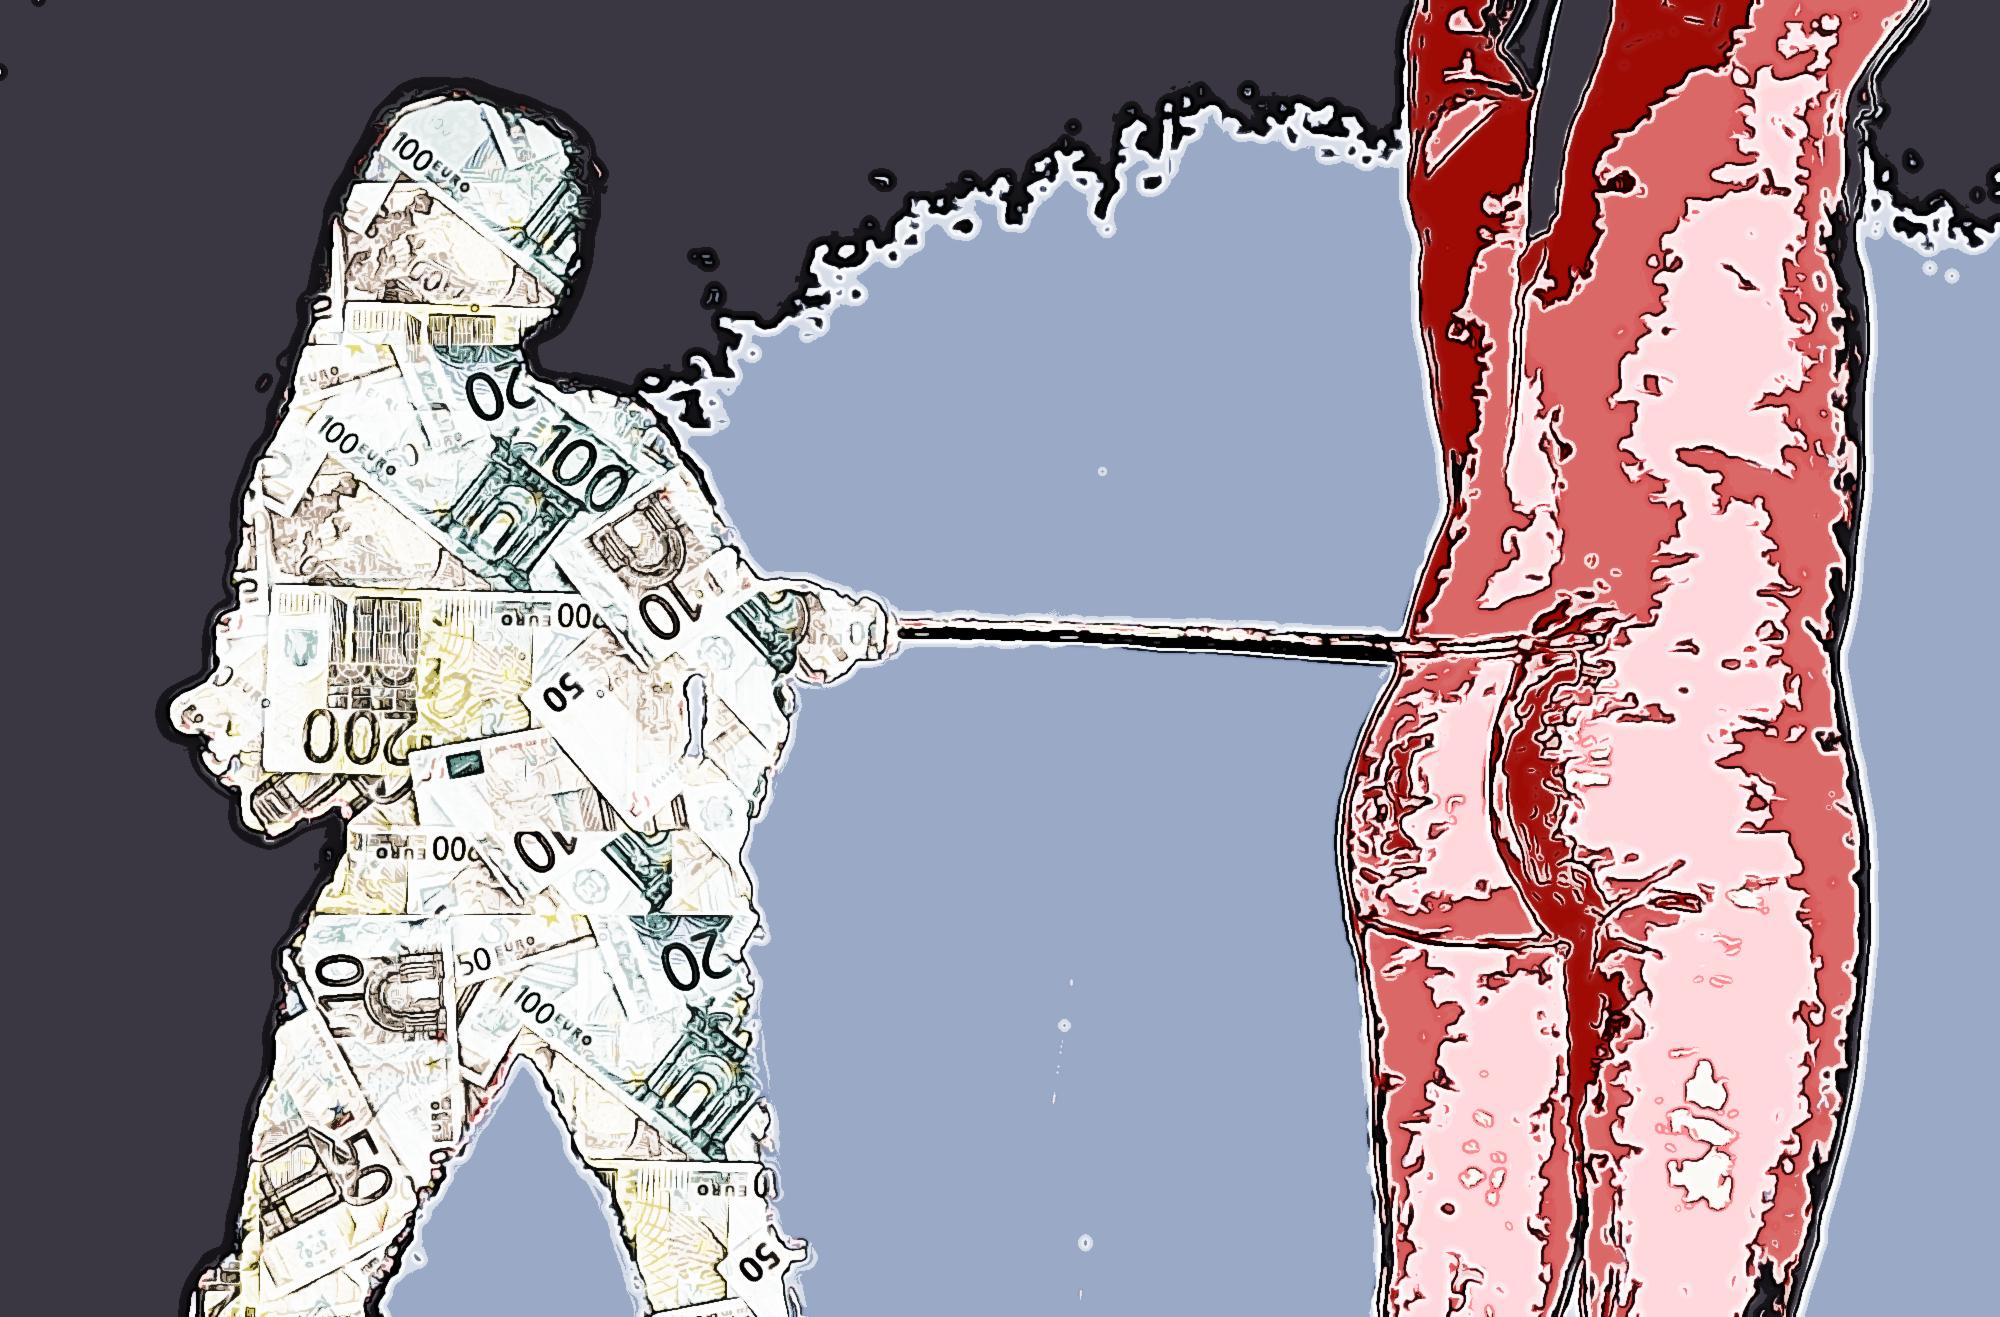 Nuovo Ordine Mondiale, pittura di Francesco Galgani, 18 ottobre 2020